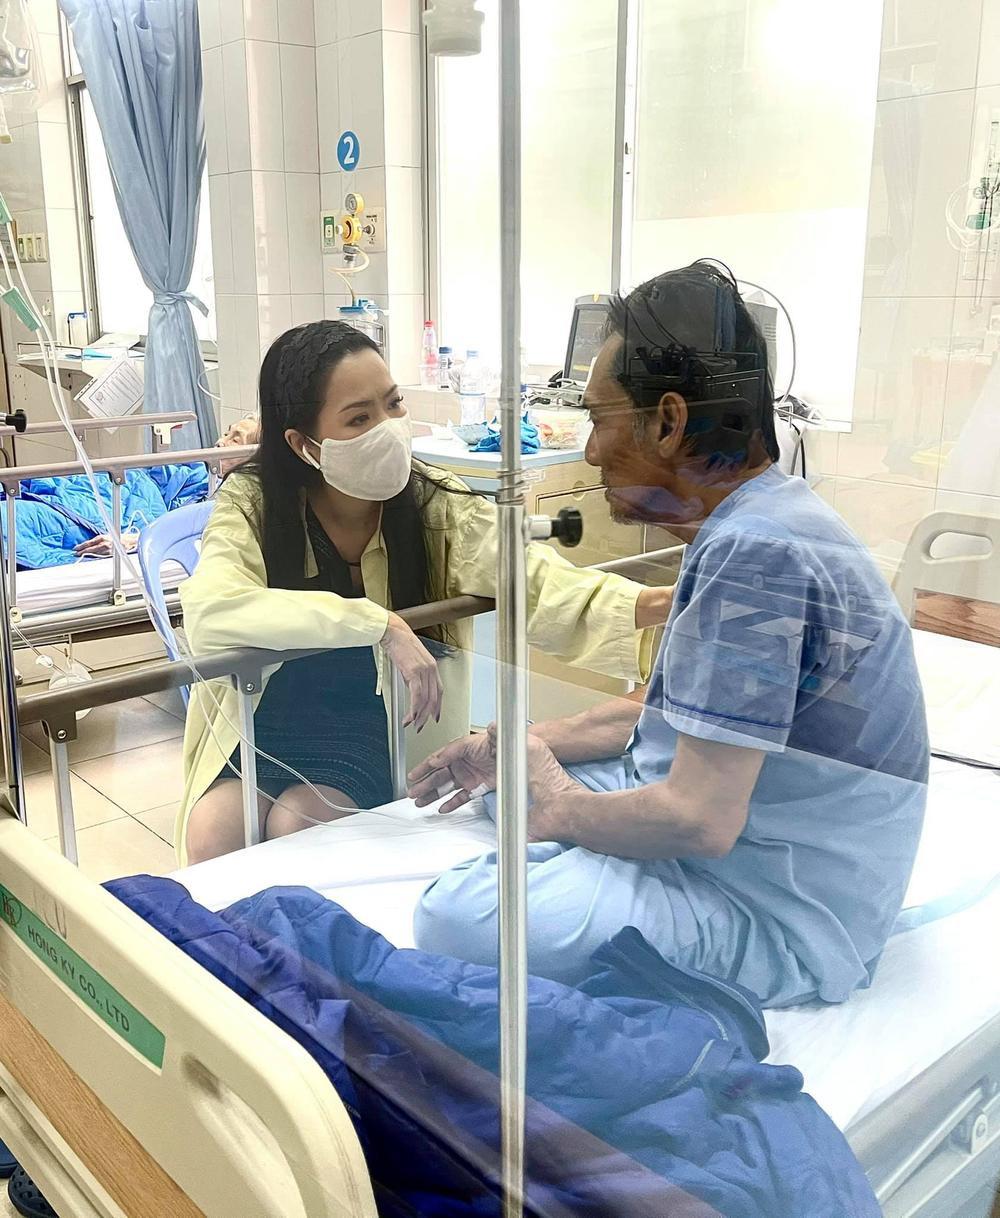 Trịnh Kim Chi công bố quỹ quyên góp hơn 200 triệu đồng: NS Thương Tín sẽ có thể hồi phục sau bạo bệnh Ảnh 8